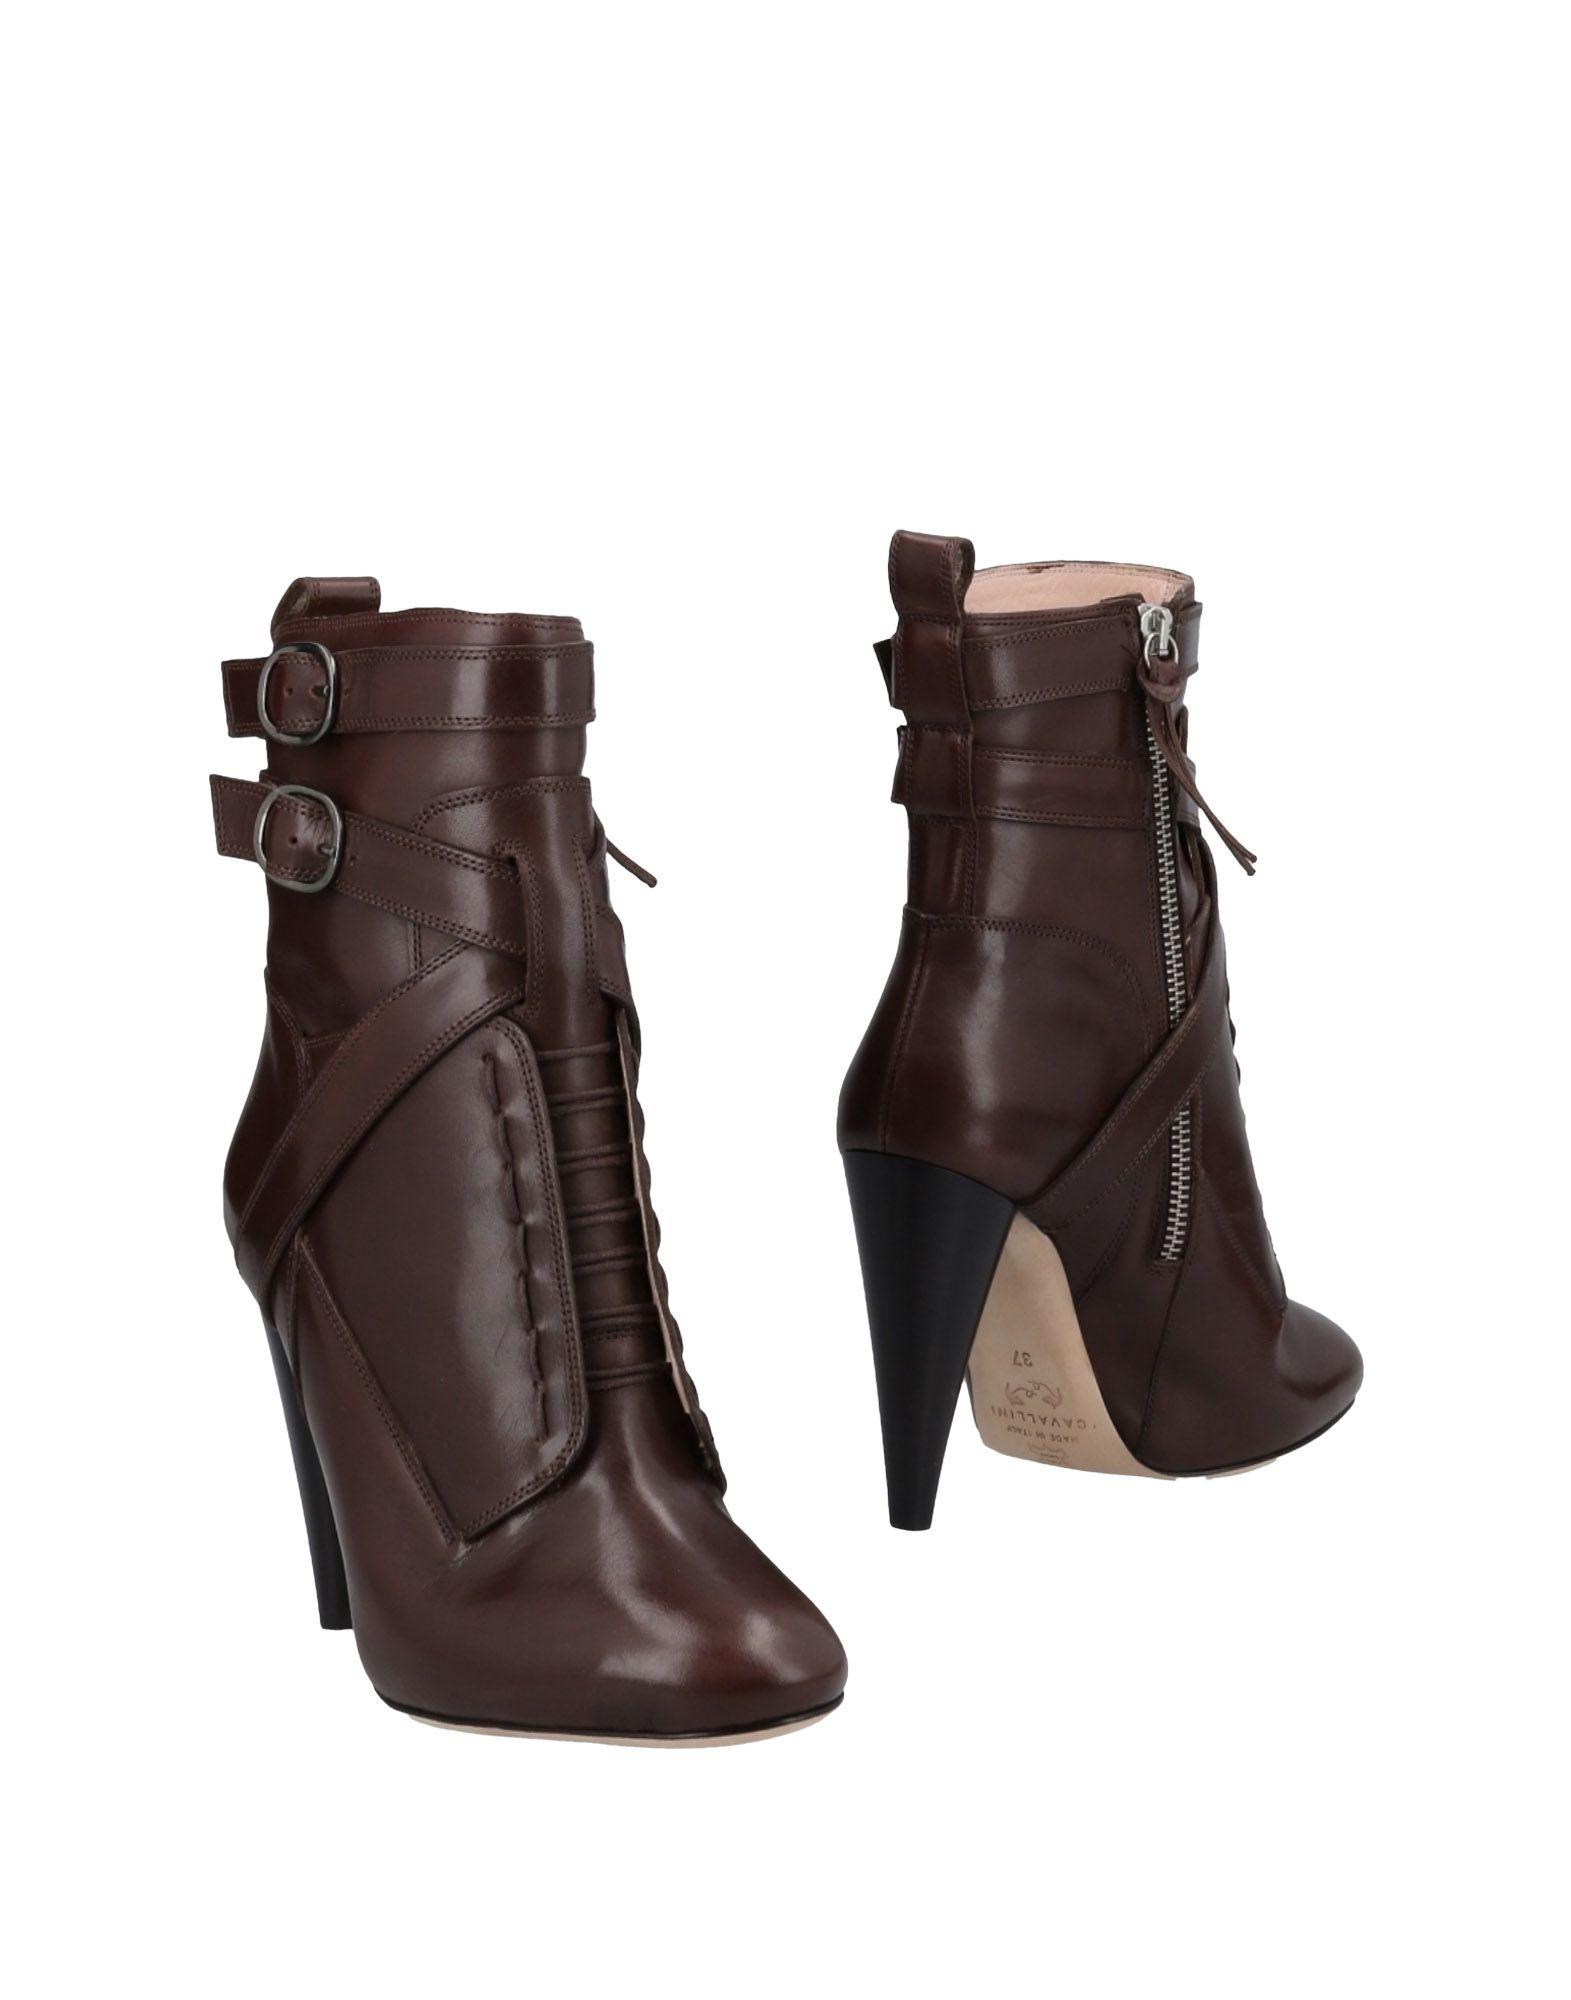 Haltbare Mode billige Schuhe Cavallini Stiefelette Damen  11483654MT Heiße Schuhe